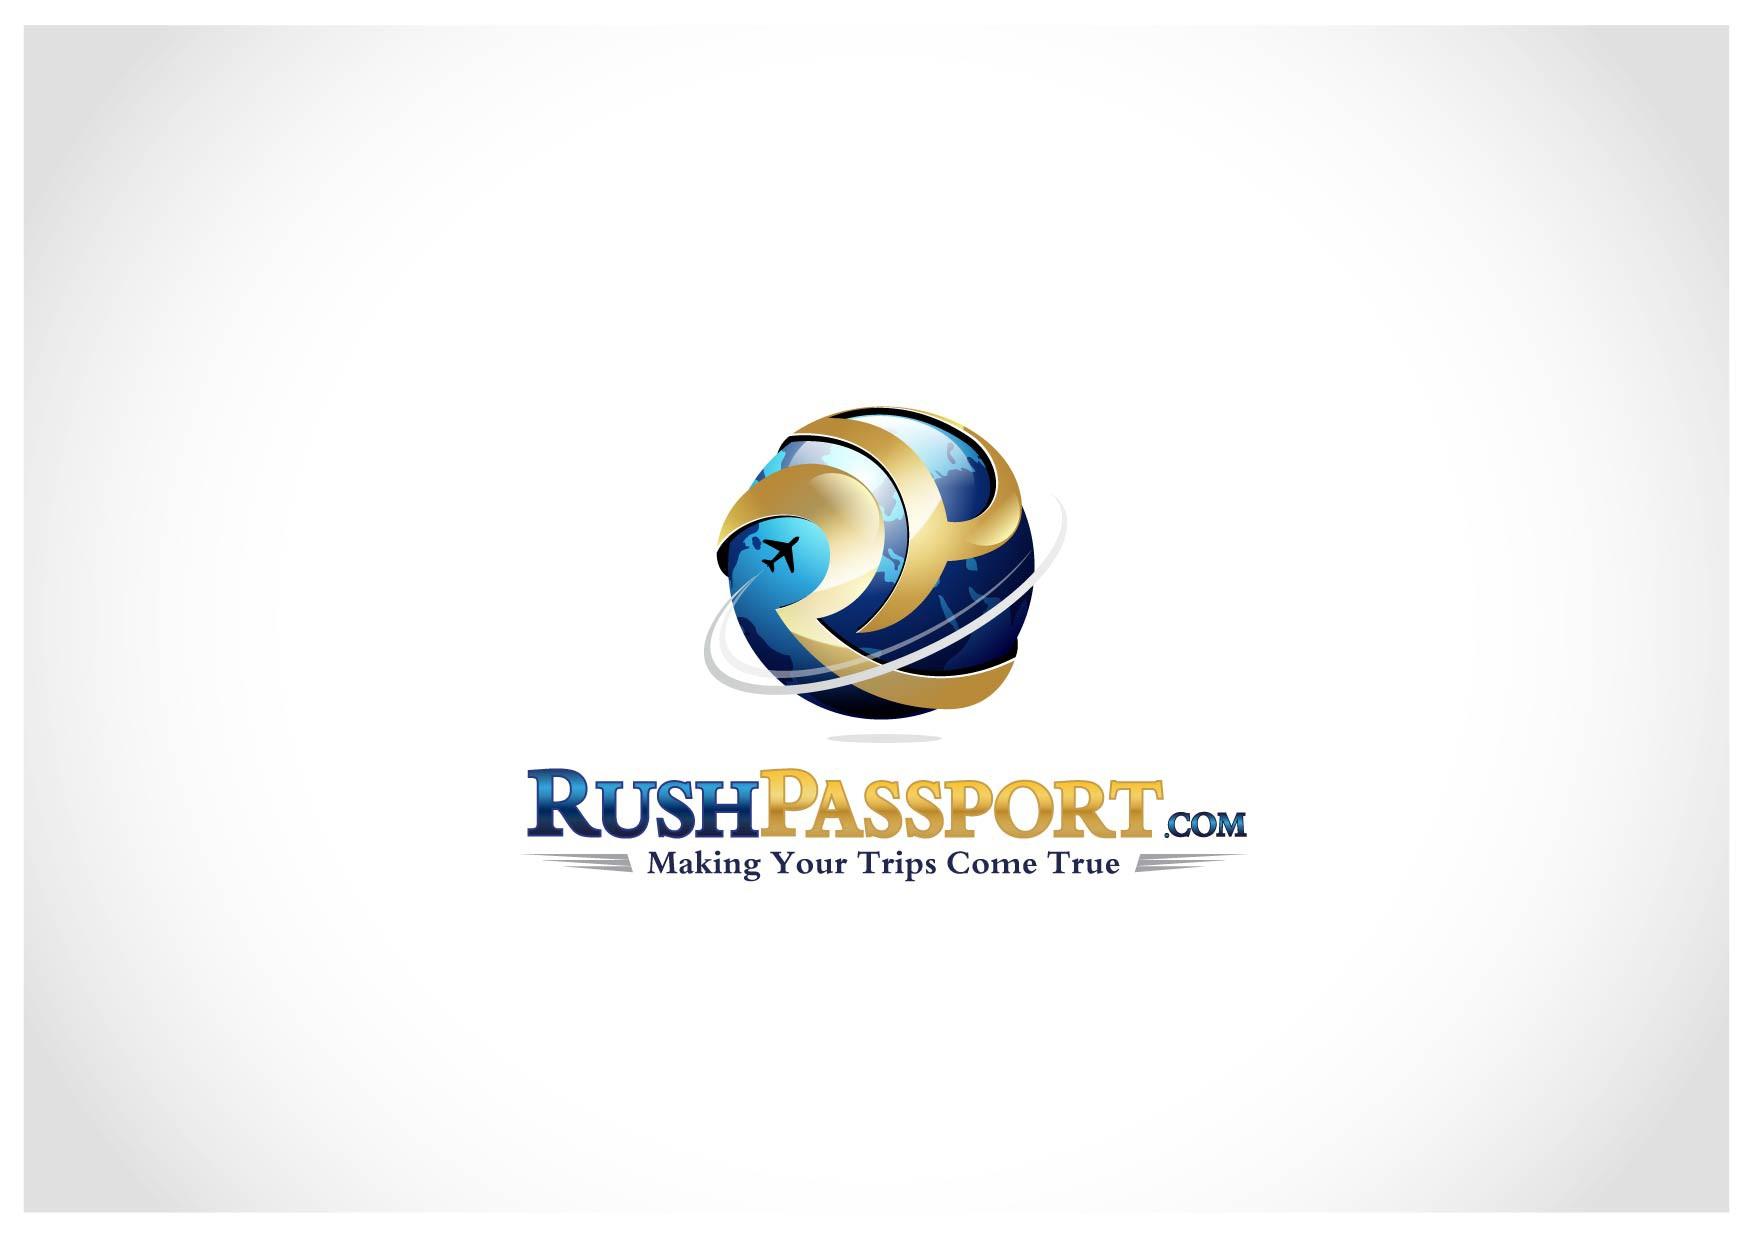 RushPassport.com needs a new logo